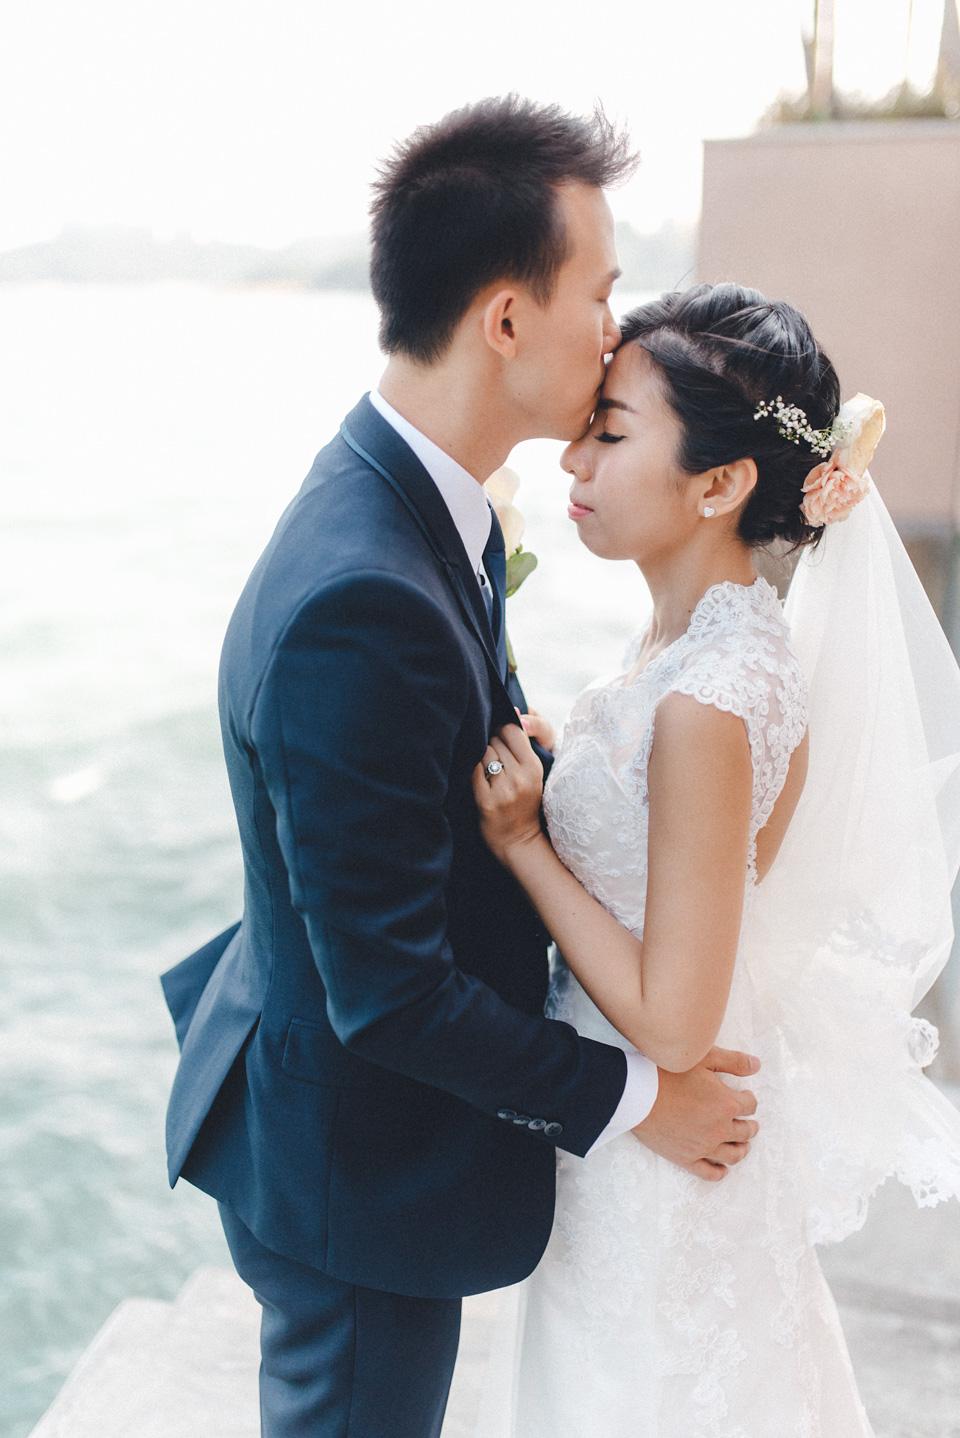 hongkong-wedding-photo-video-107 Kristy & Sam HongKong Wedding Four Saison HKhongkong wedding photo video 107